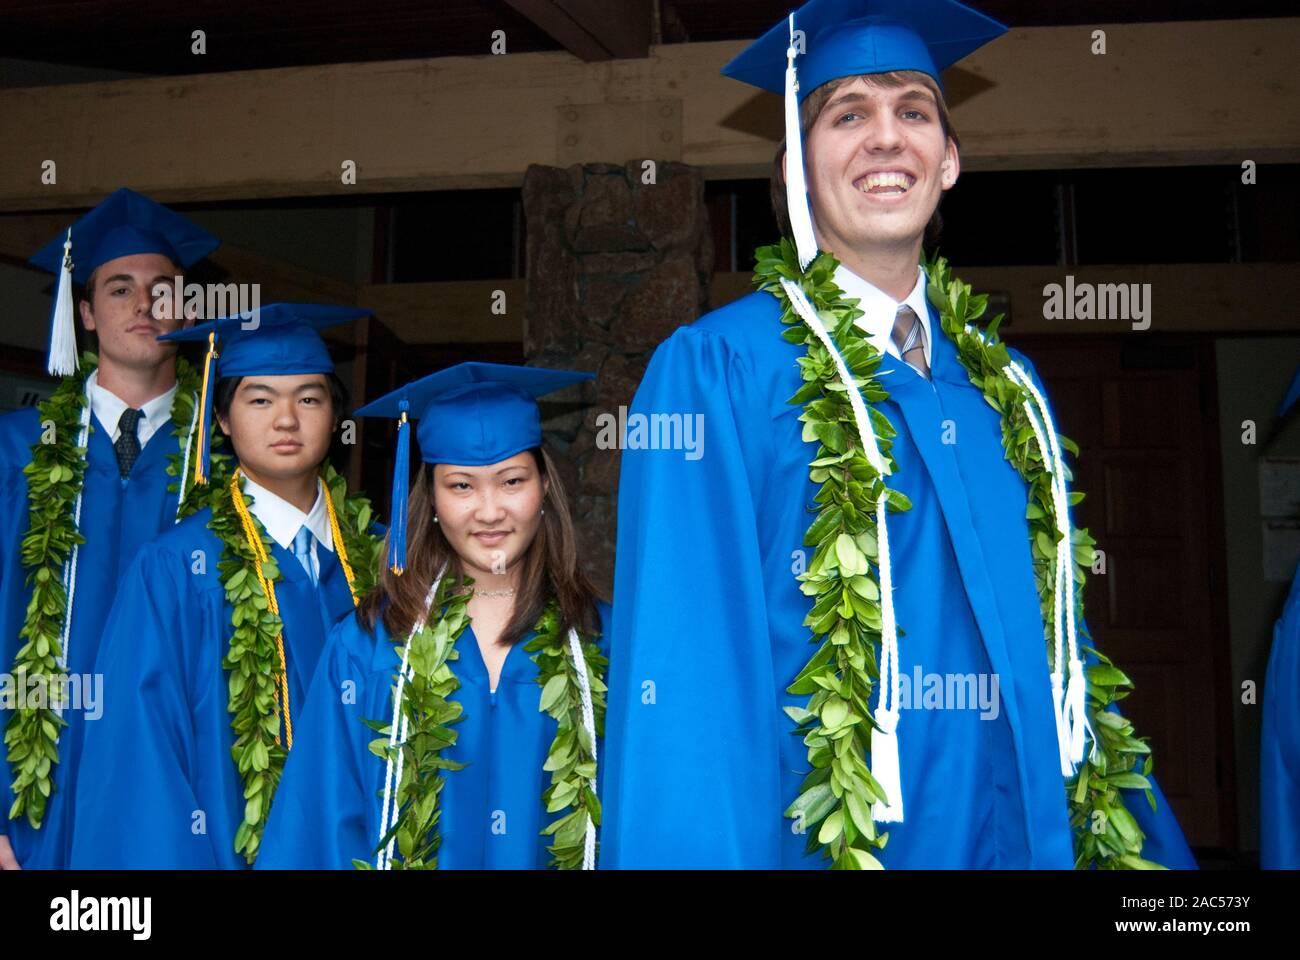 Diploma di scuola superiore da Academy del Pacifico, ora chiuso una scuola privata, a Honolulu, sull'isola di O'ahu. Foto Stock